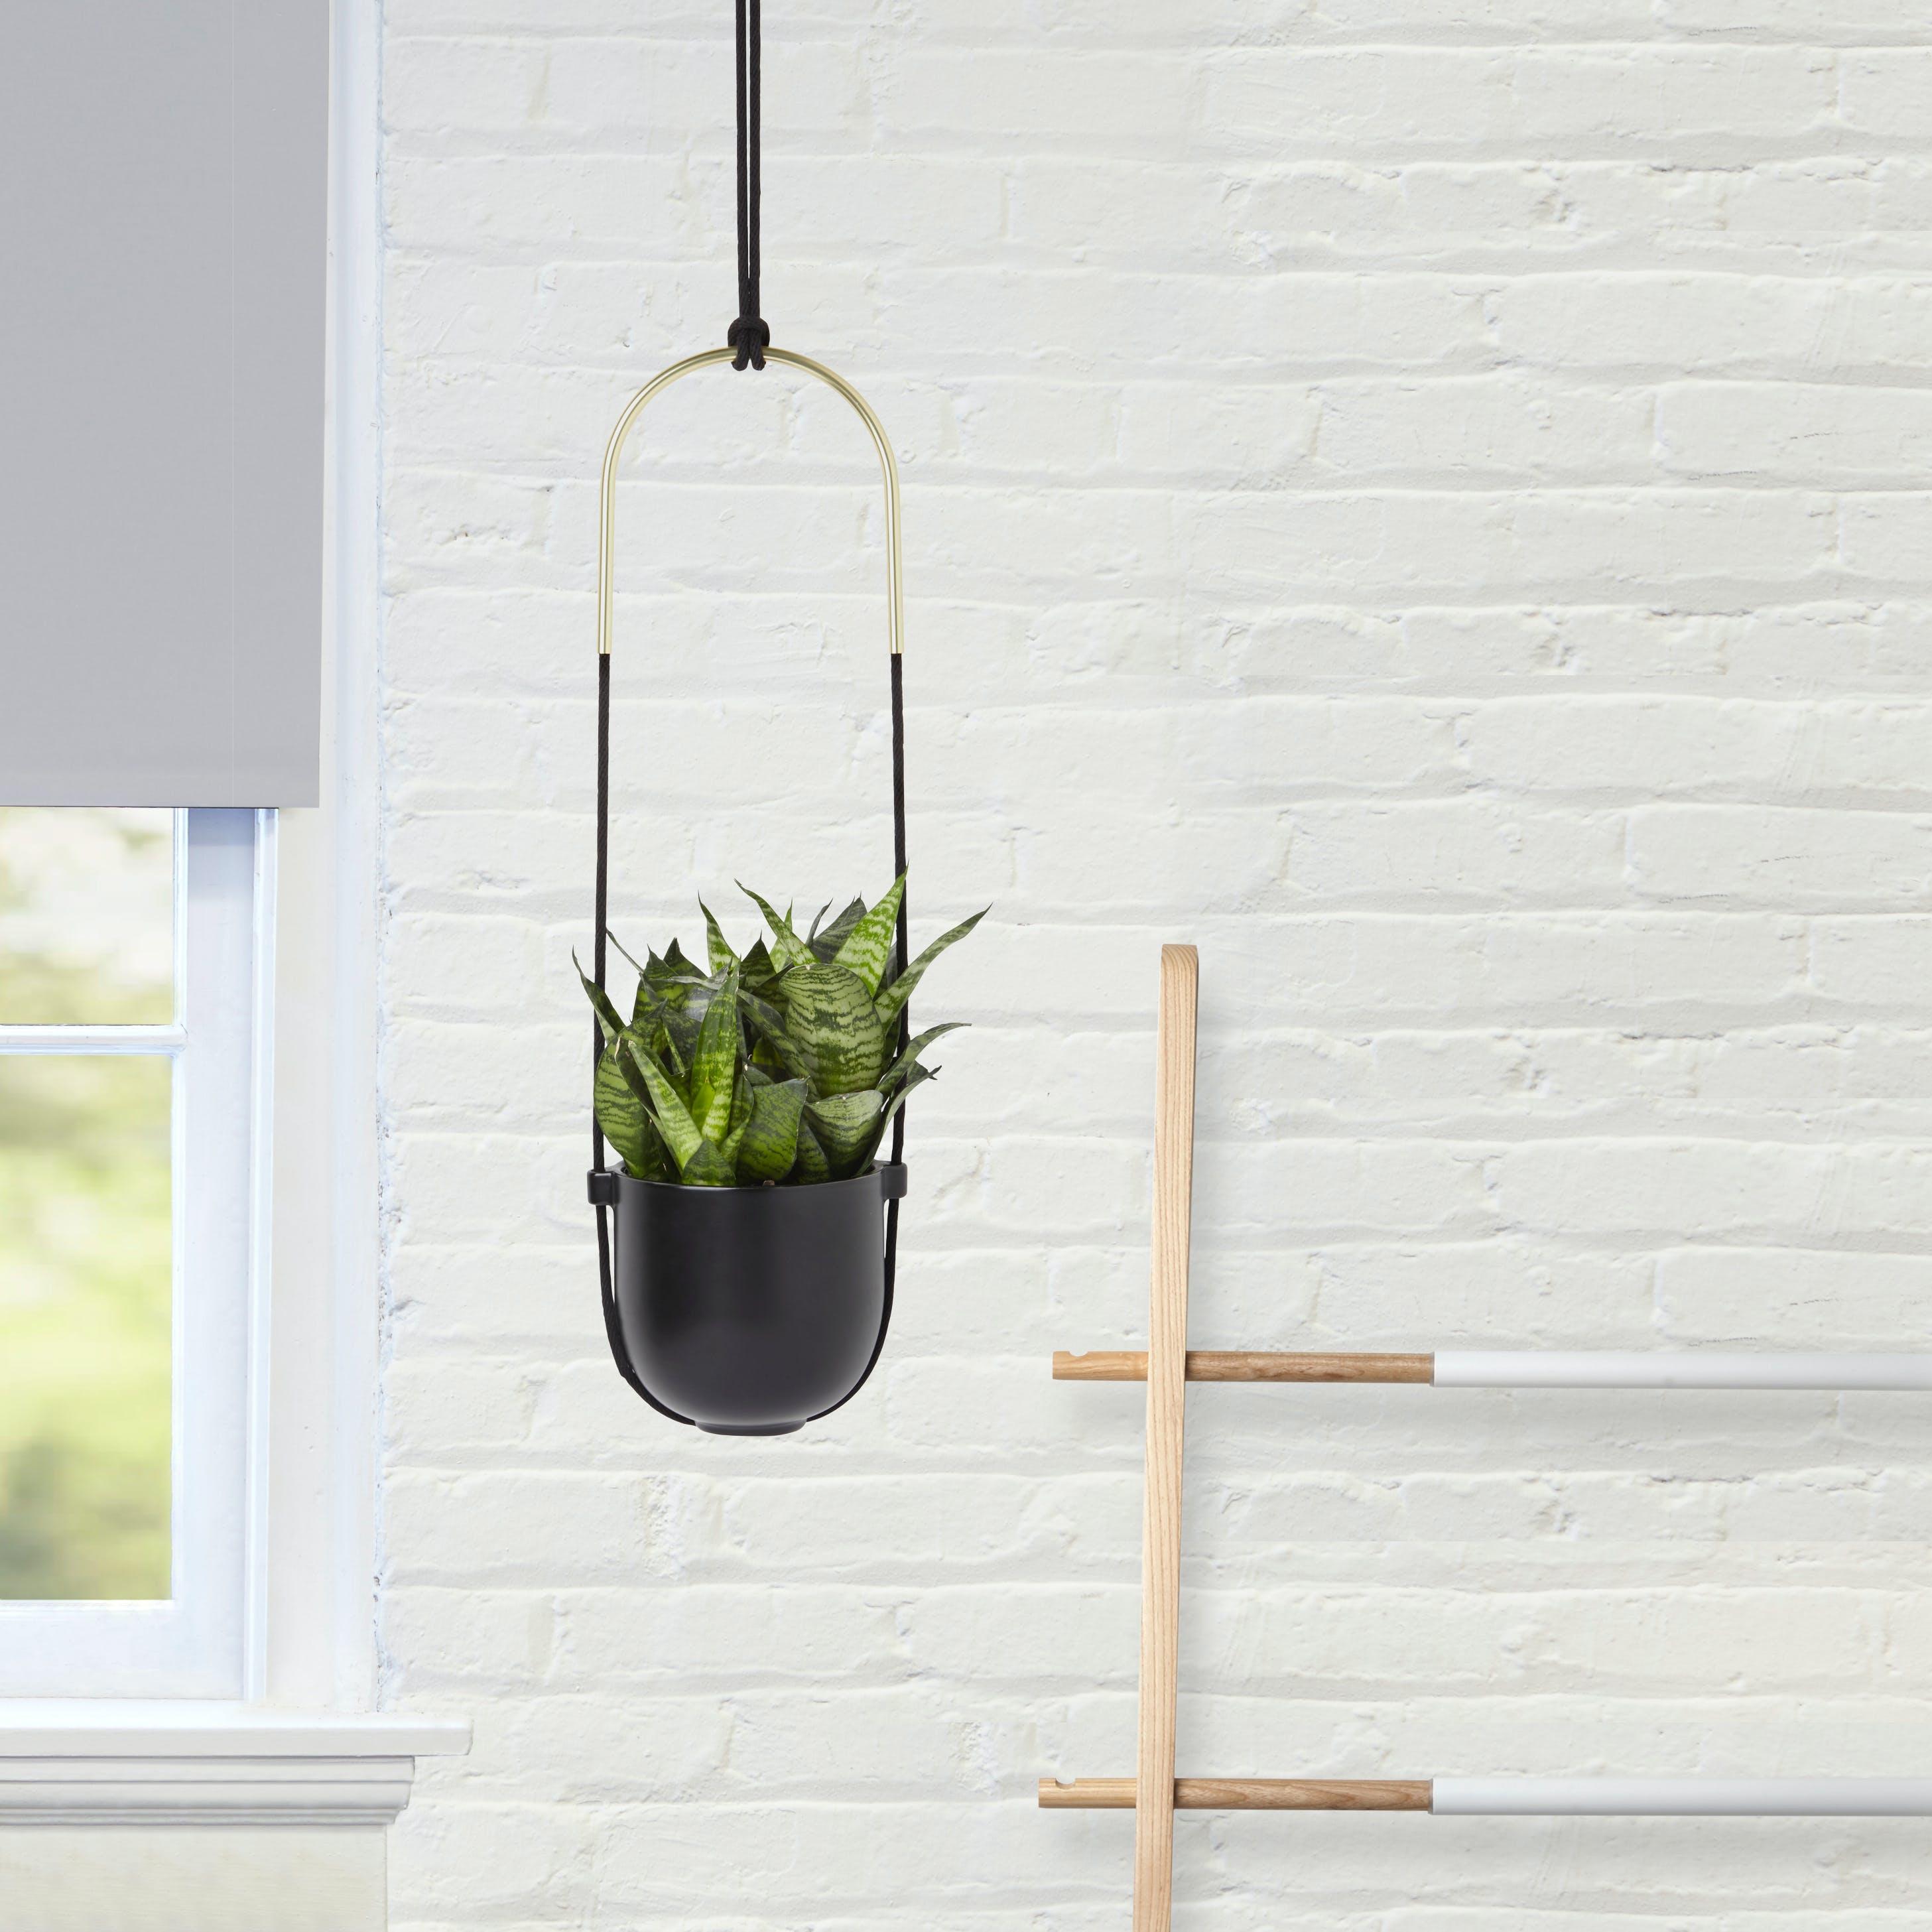 Bolo Planter in Black